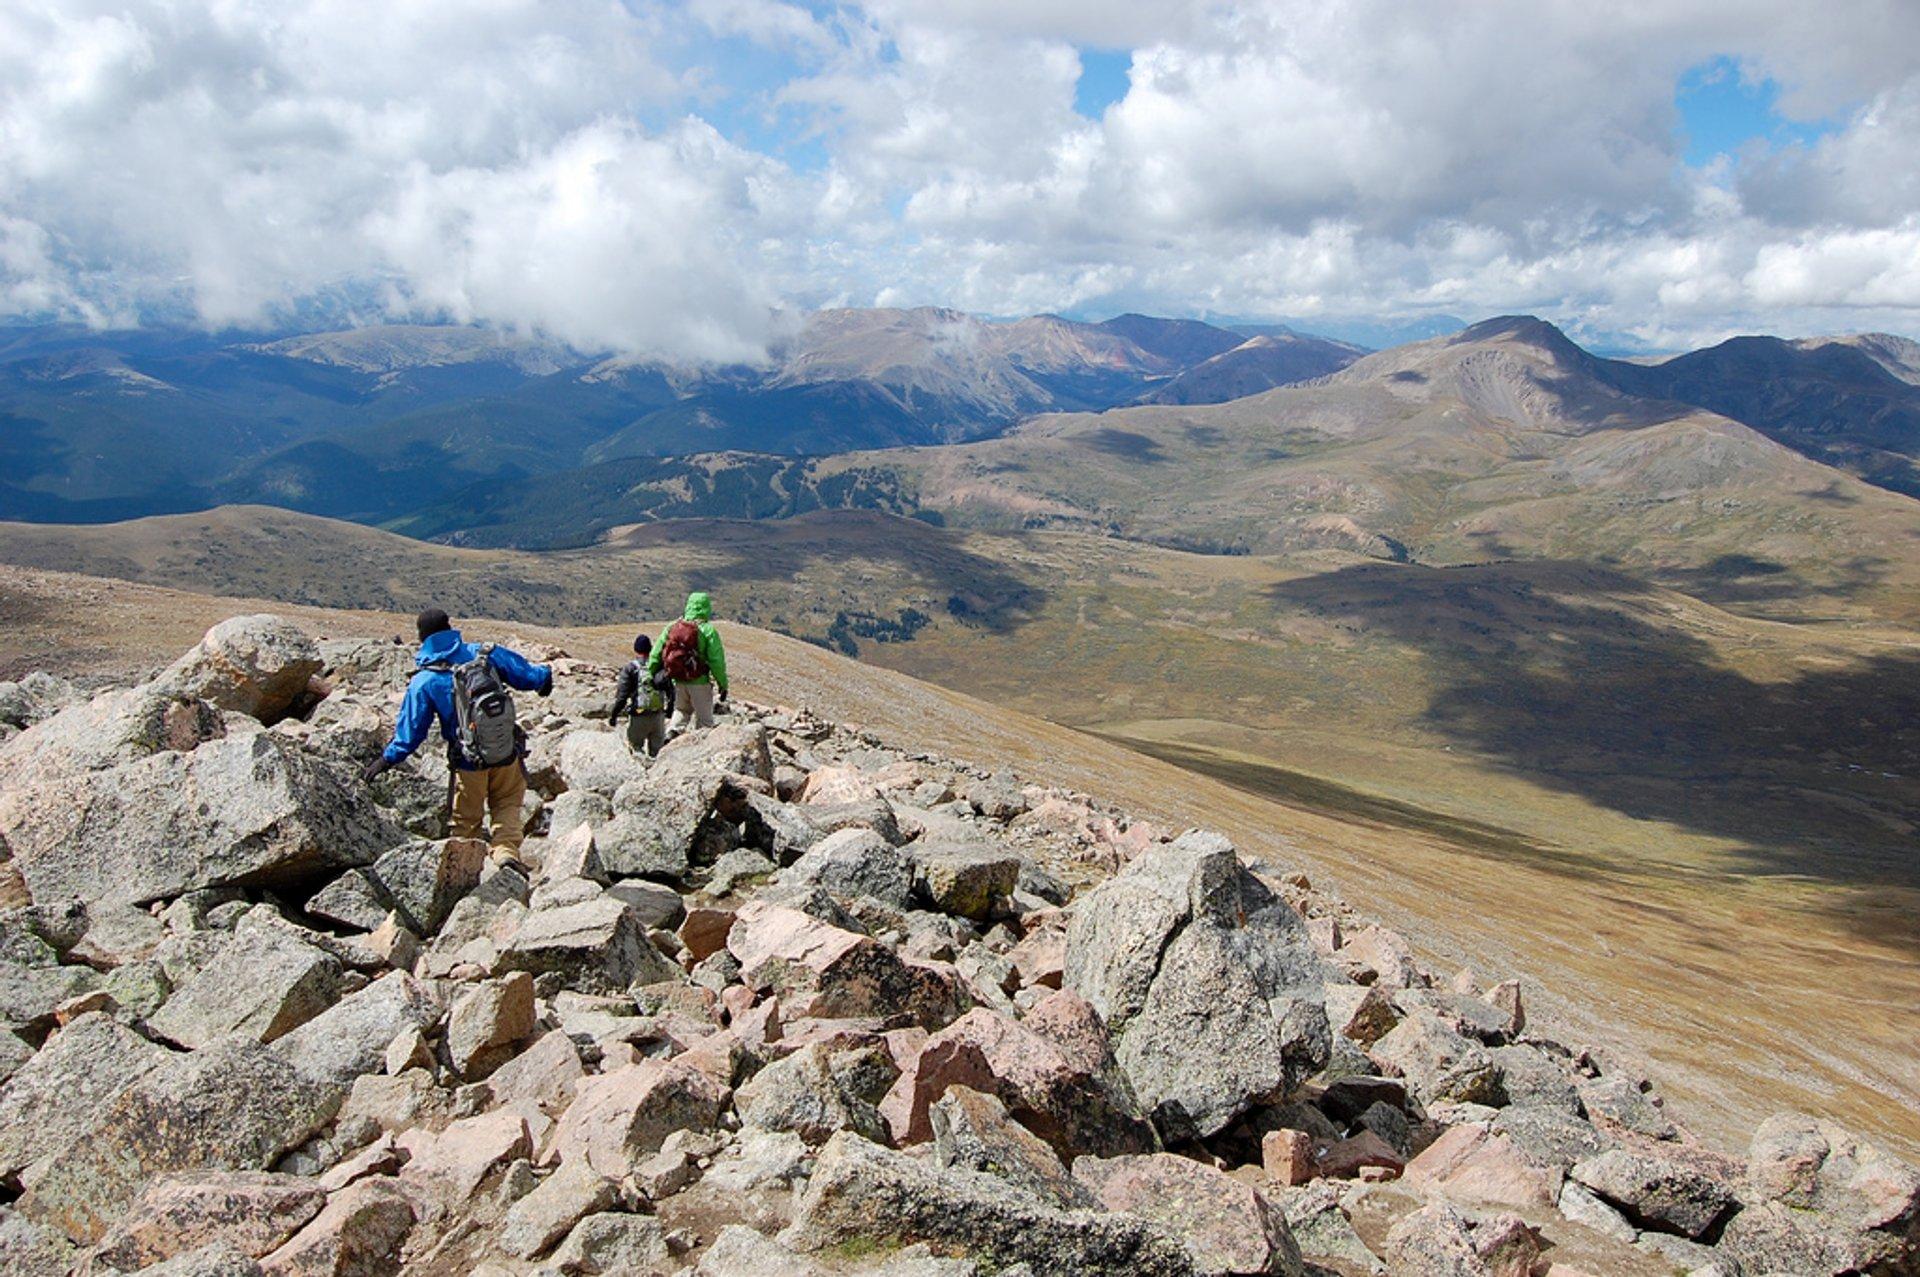 Mount Bierstadt in Colorado 2020 - Best Time